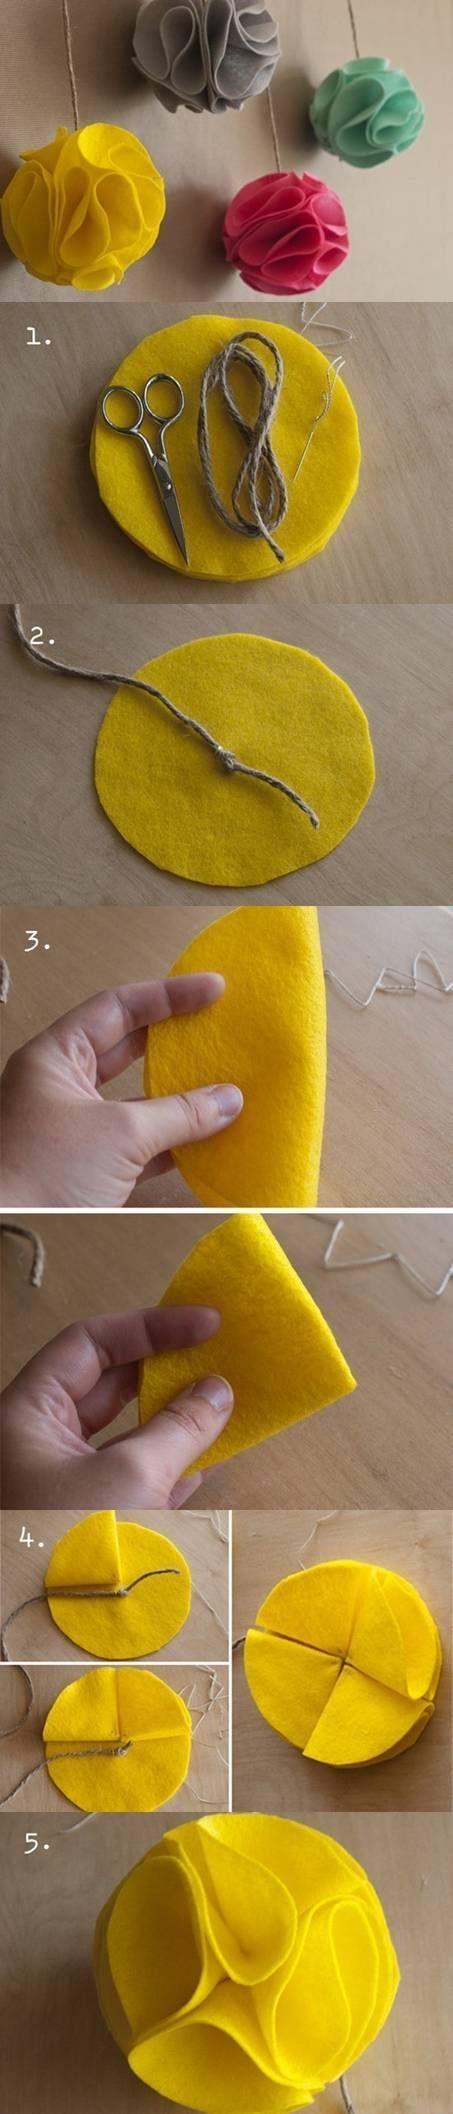 Fai da te feltro decorativi palle di DIY Progetti: